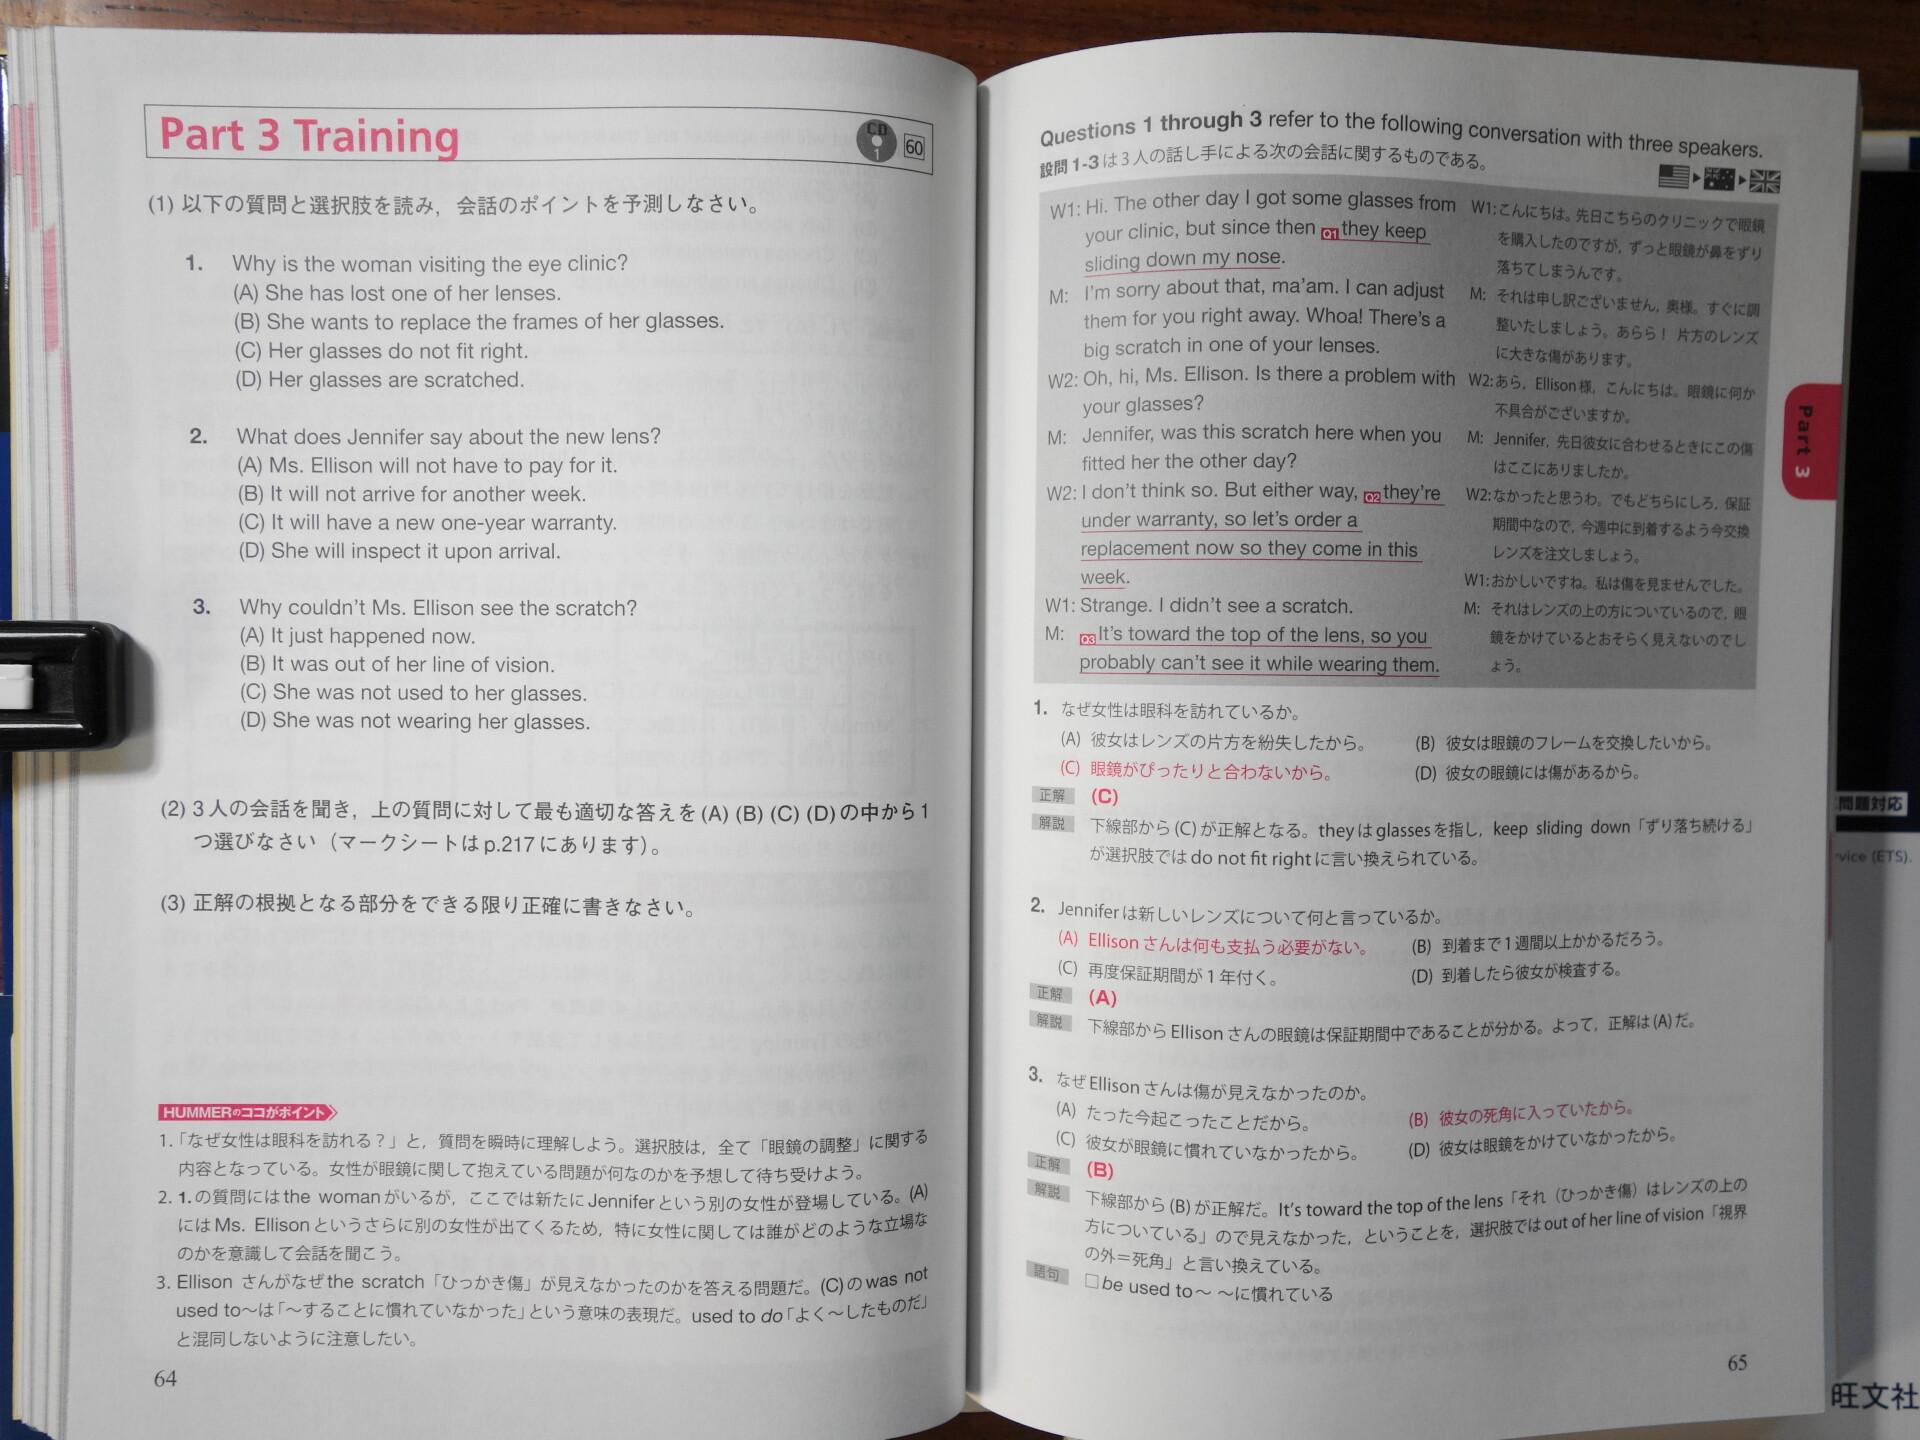 パート3のトレーニング内容